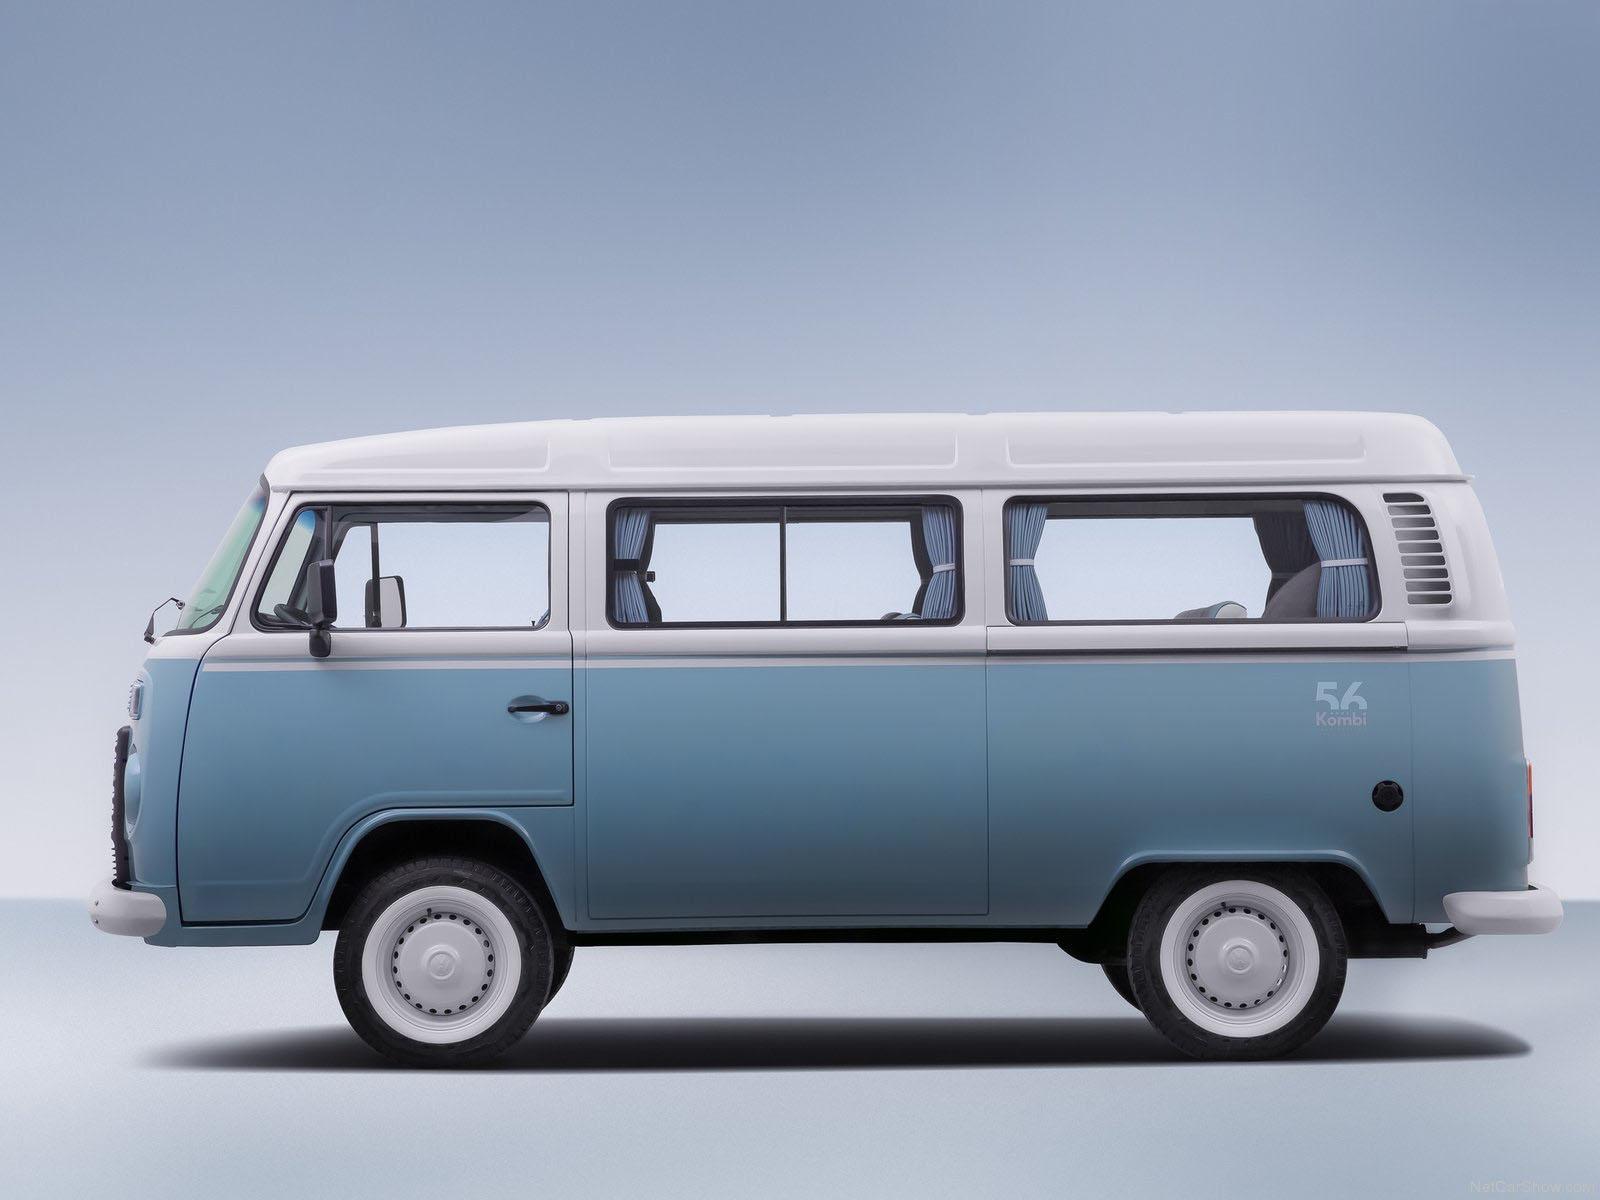 novo Volkswagen Kombi edição especial 2014 lateral